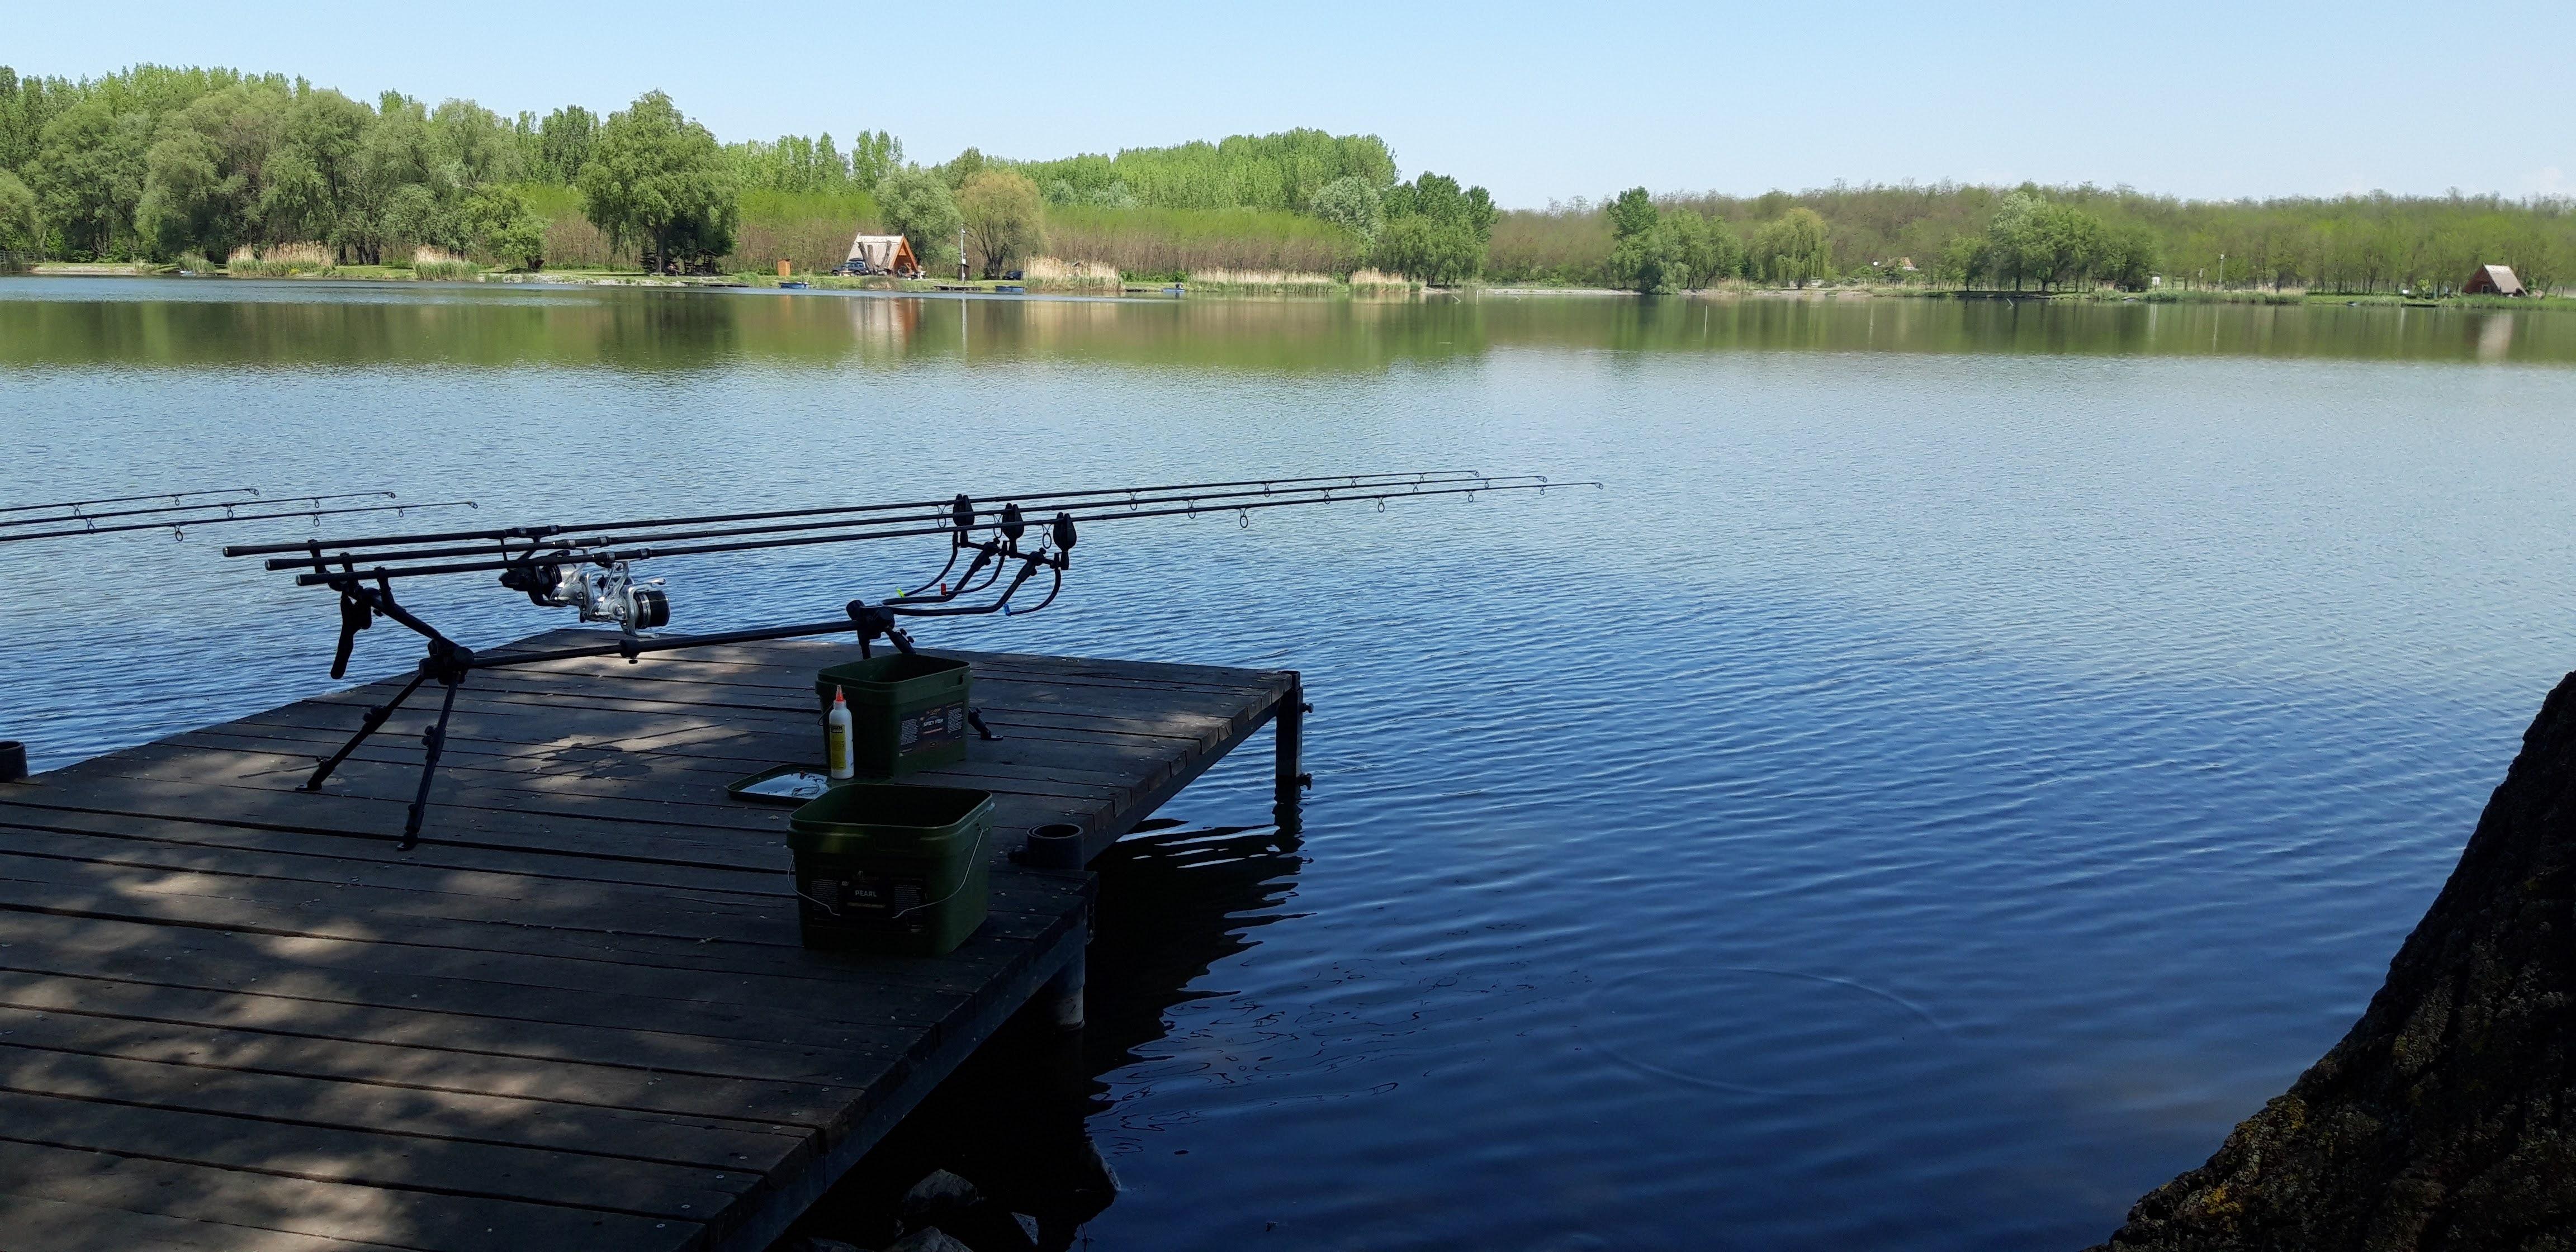 Stégünk a horgászhelynél